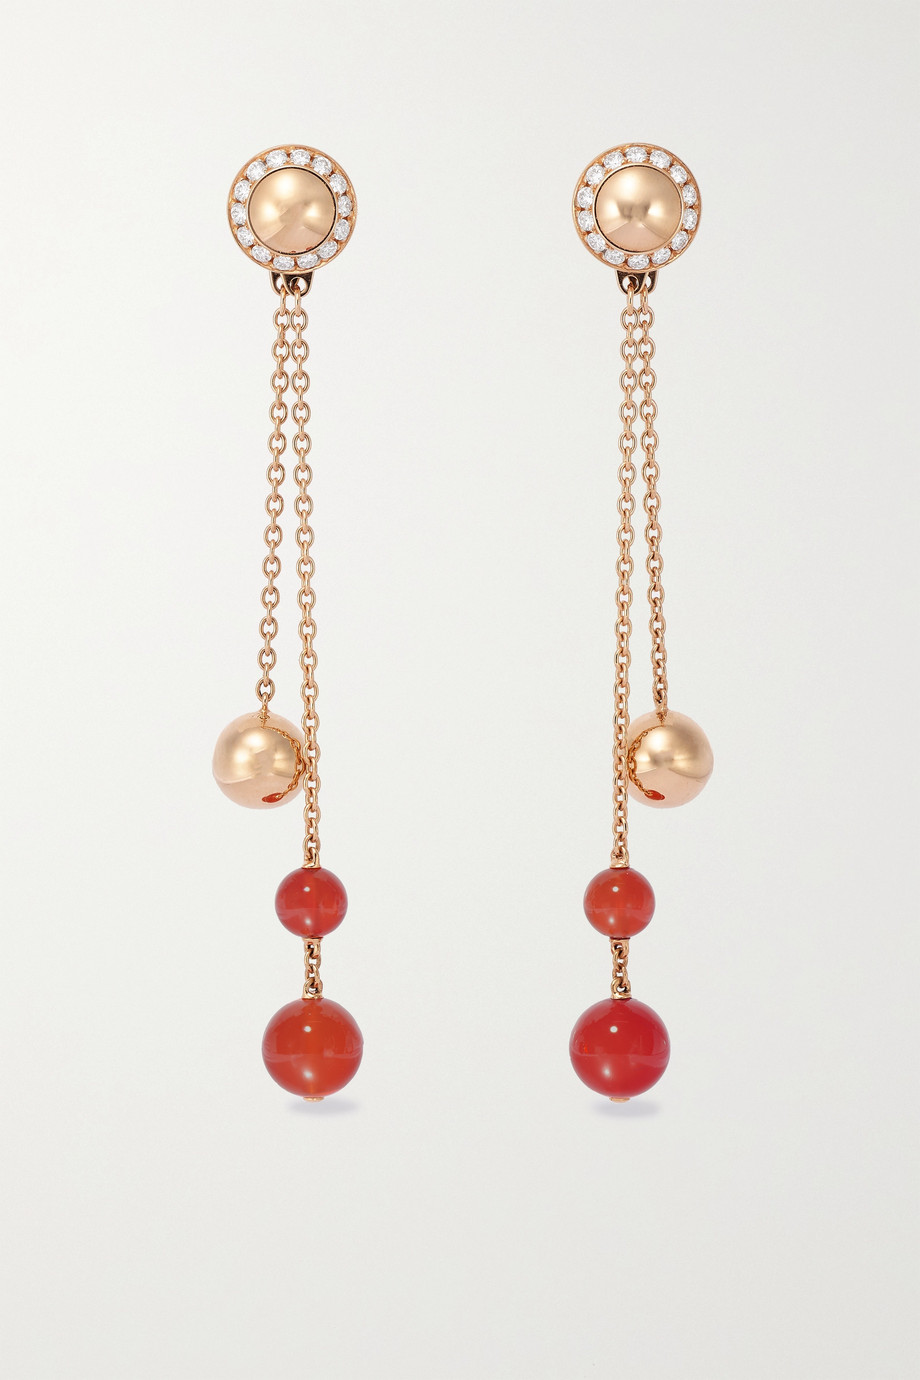 Piaget Boucles d'oreilles en or rose 18 carats, cornalines et diamants Possession